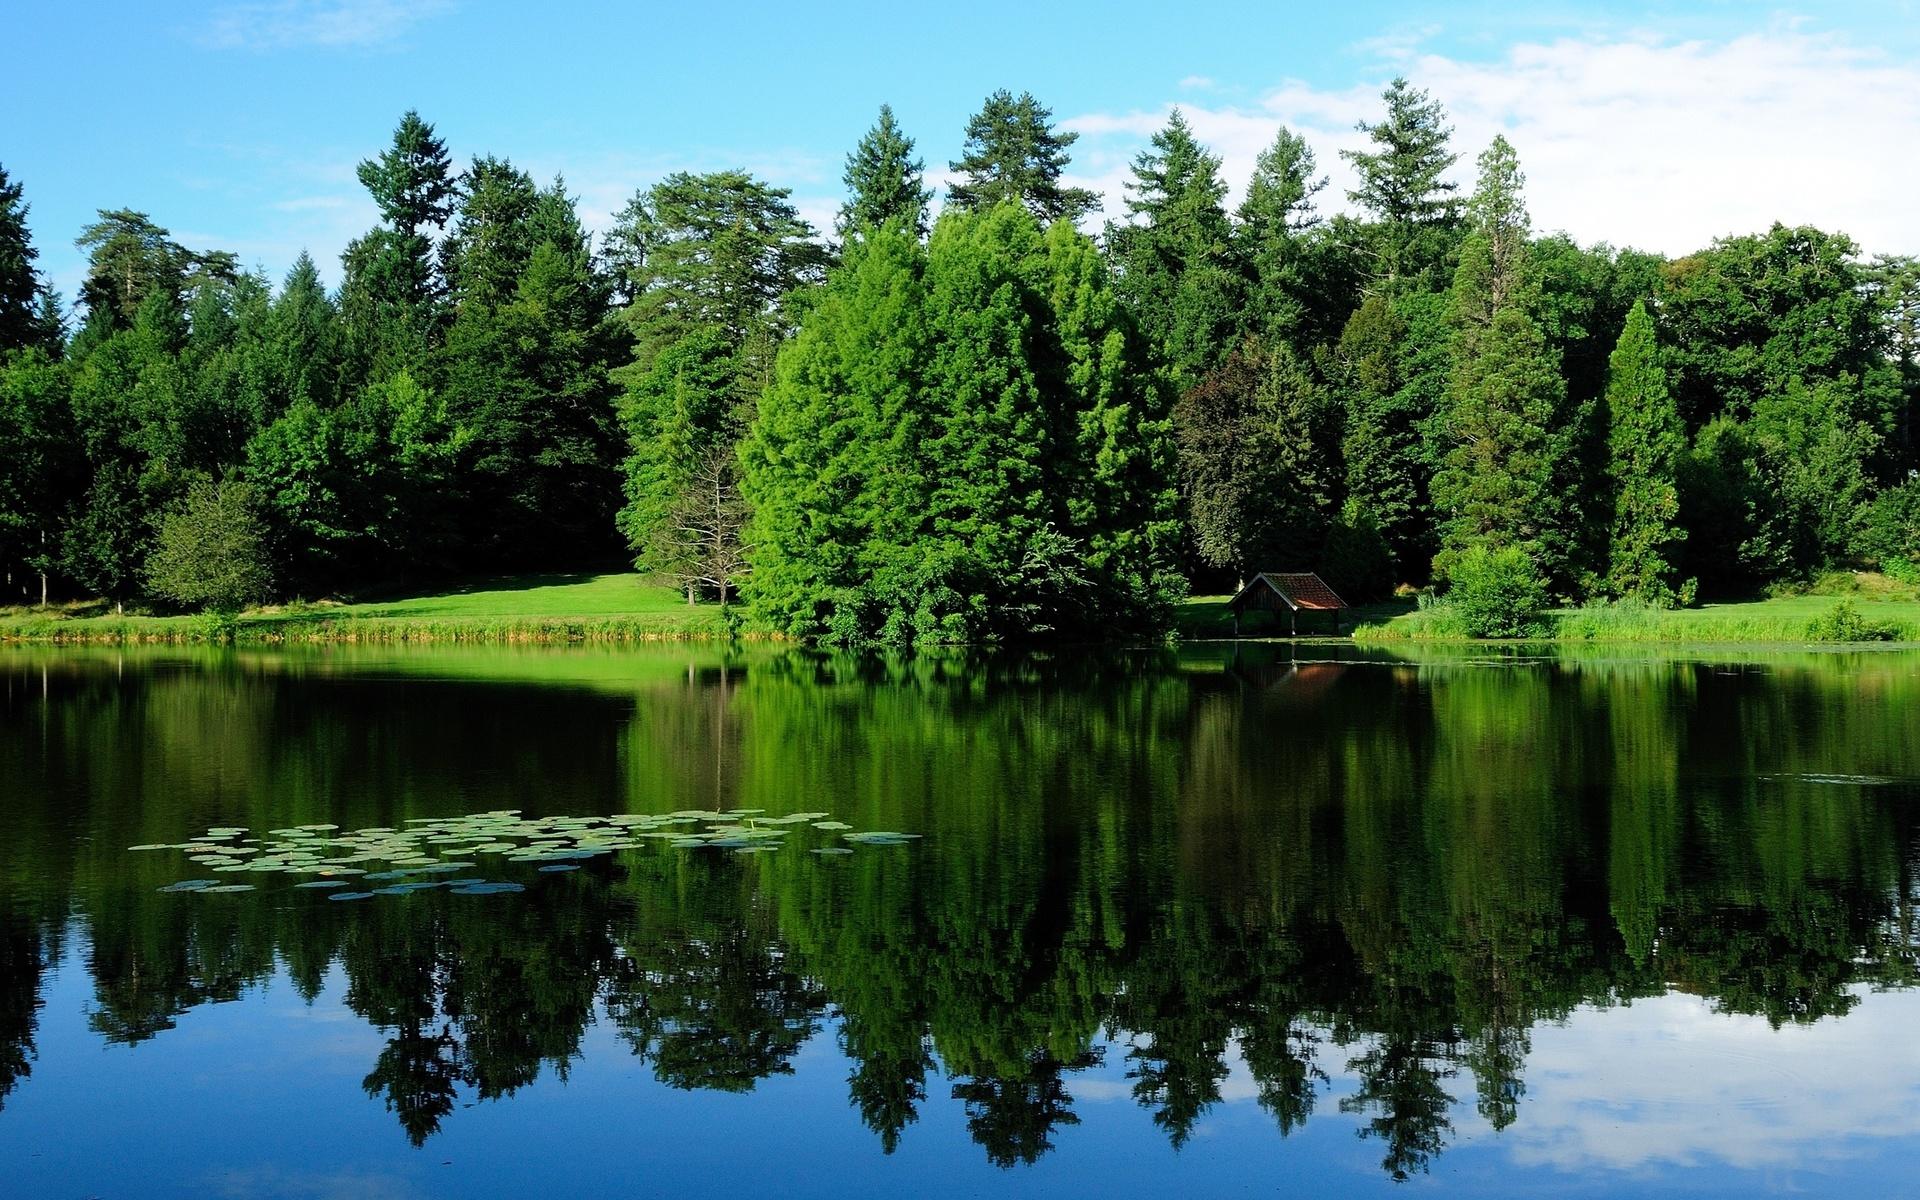 красивые картинки озеро лес немного